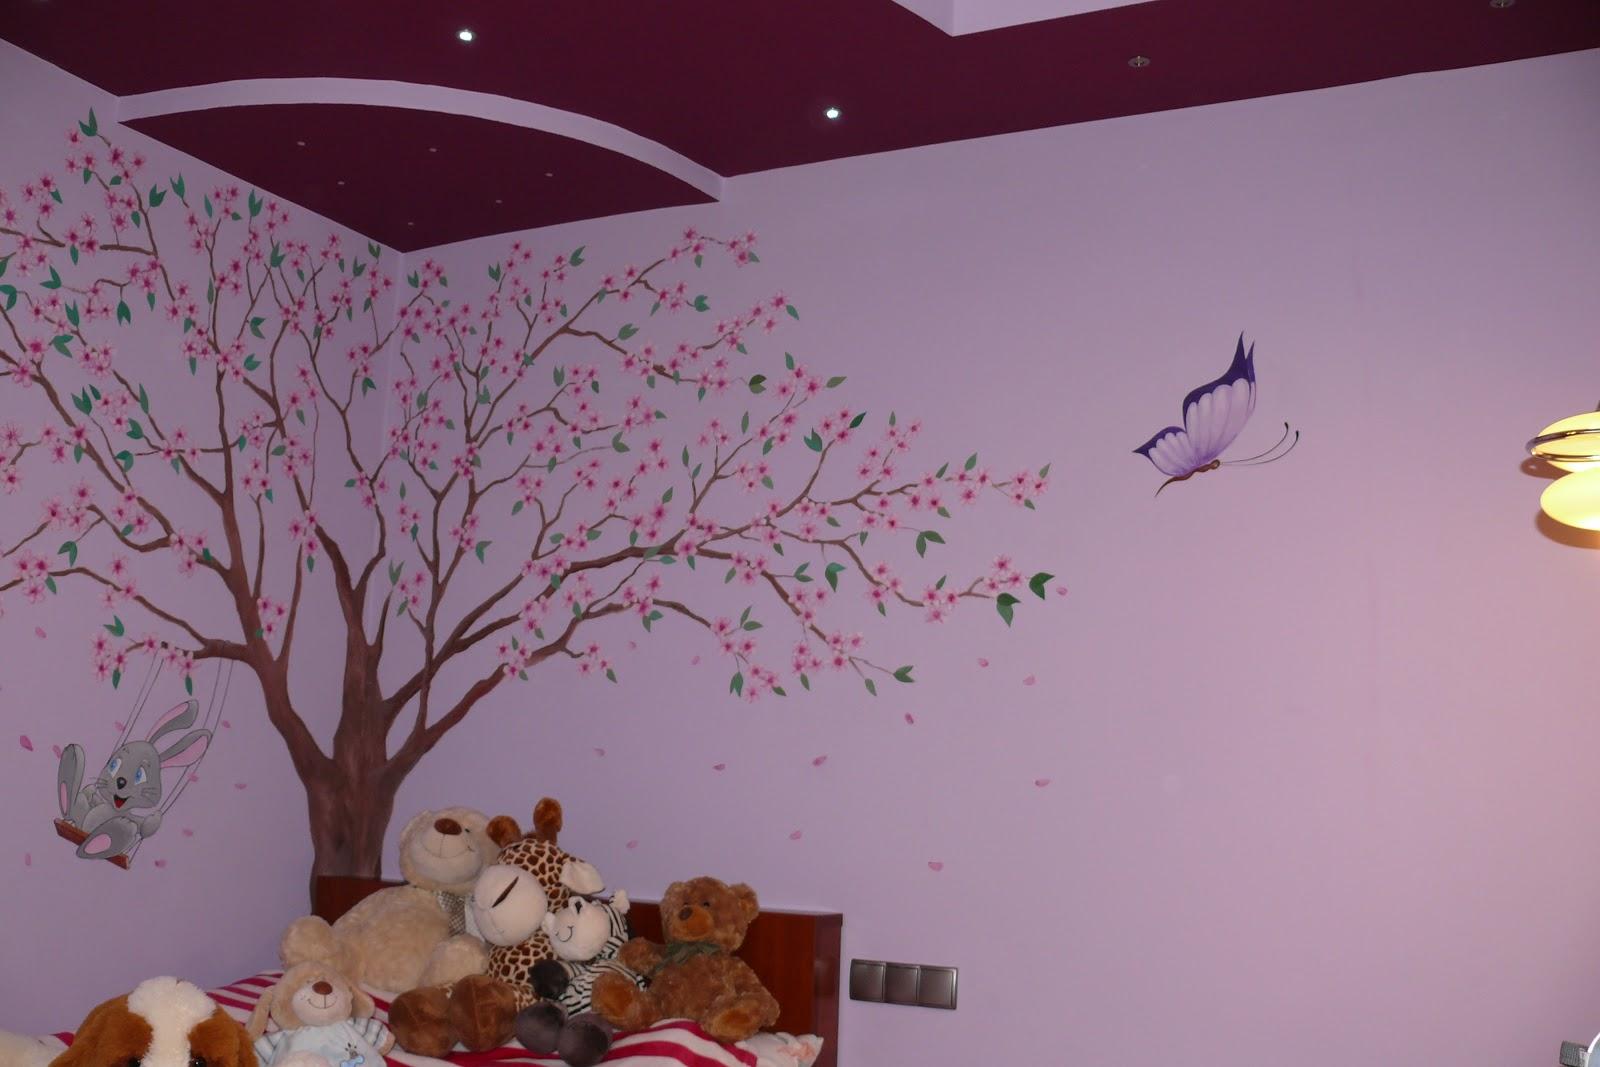 Malowanie drzewa na ścianie w pokoju dziewczynki, aranżacja ściany w motyli